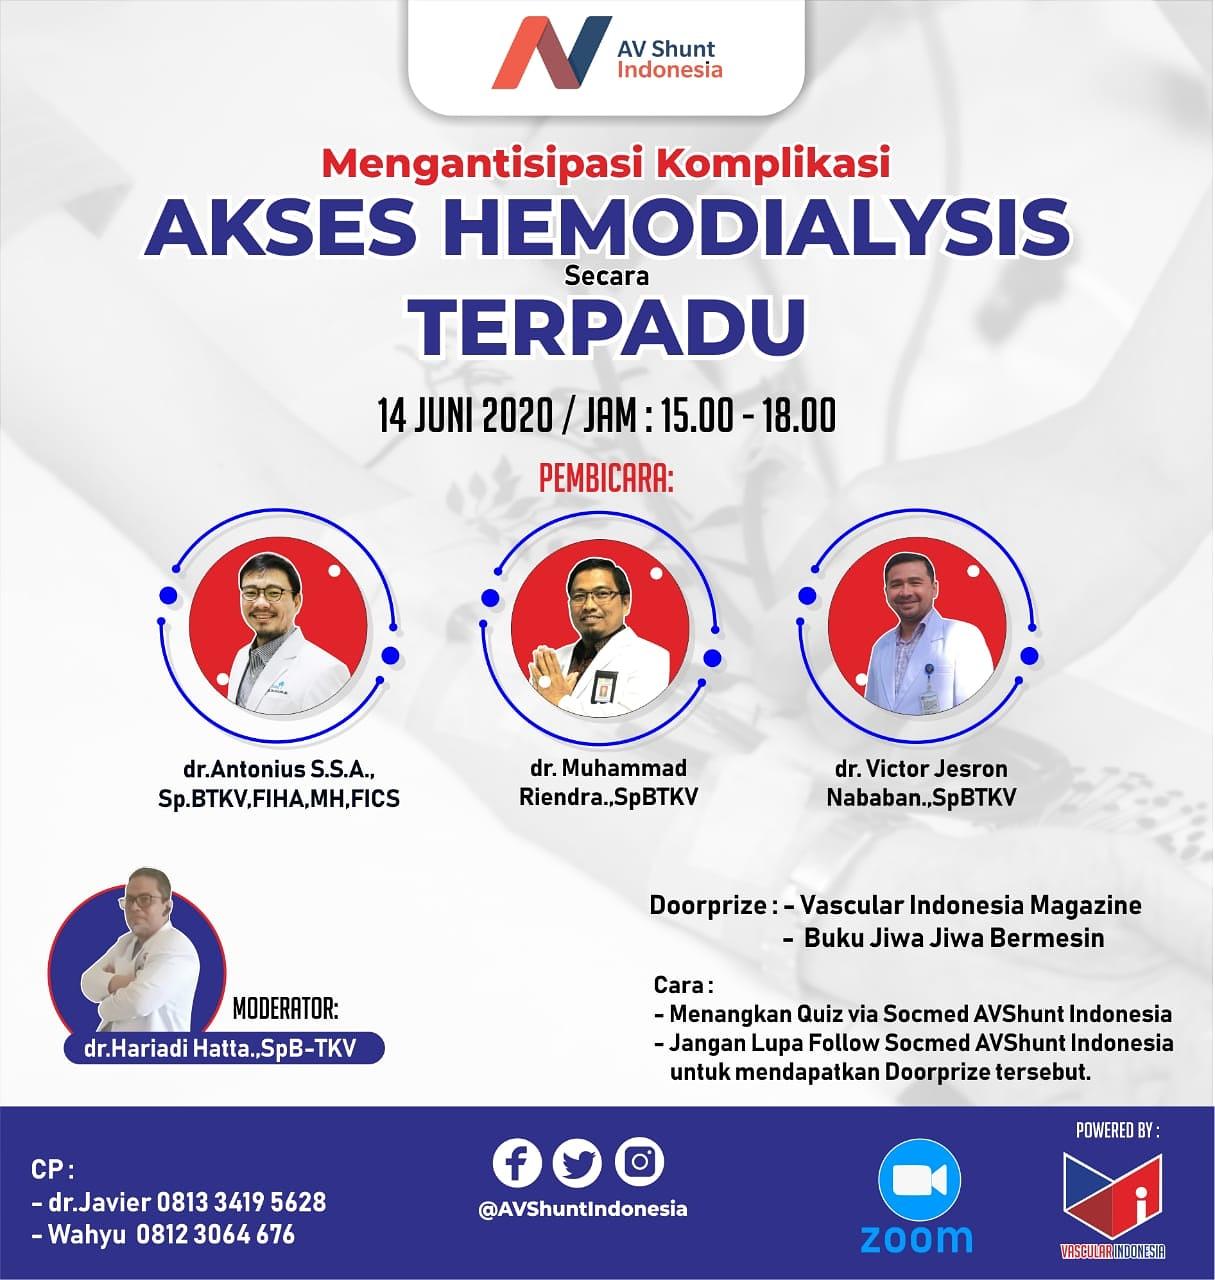 http://www.avshuntindonesia.com/images/blog/BLOG__mengantisipasi-komplikasi-akses-hemodialysis-secara-terpadu-__20200922063156.jpg